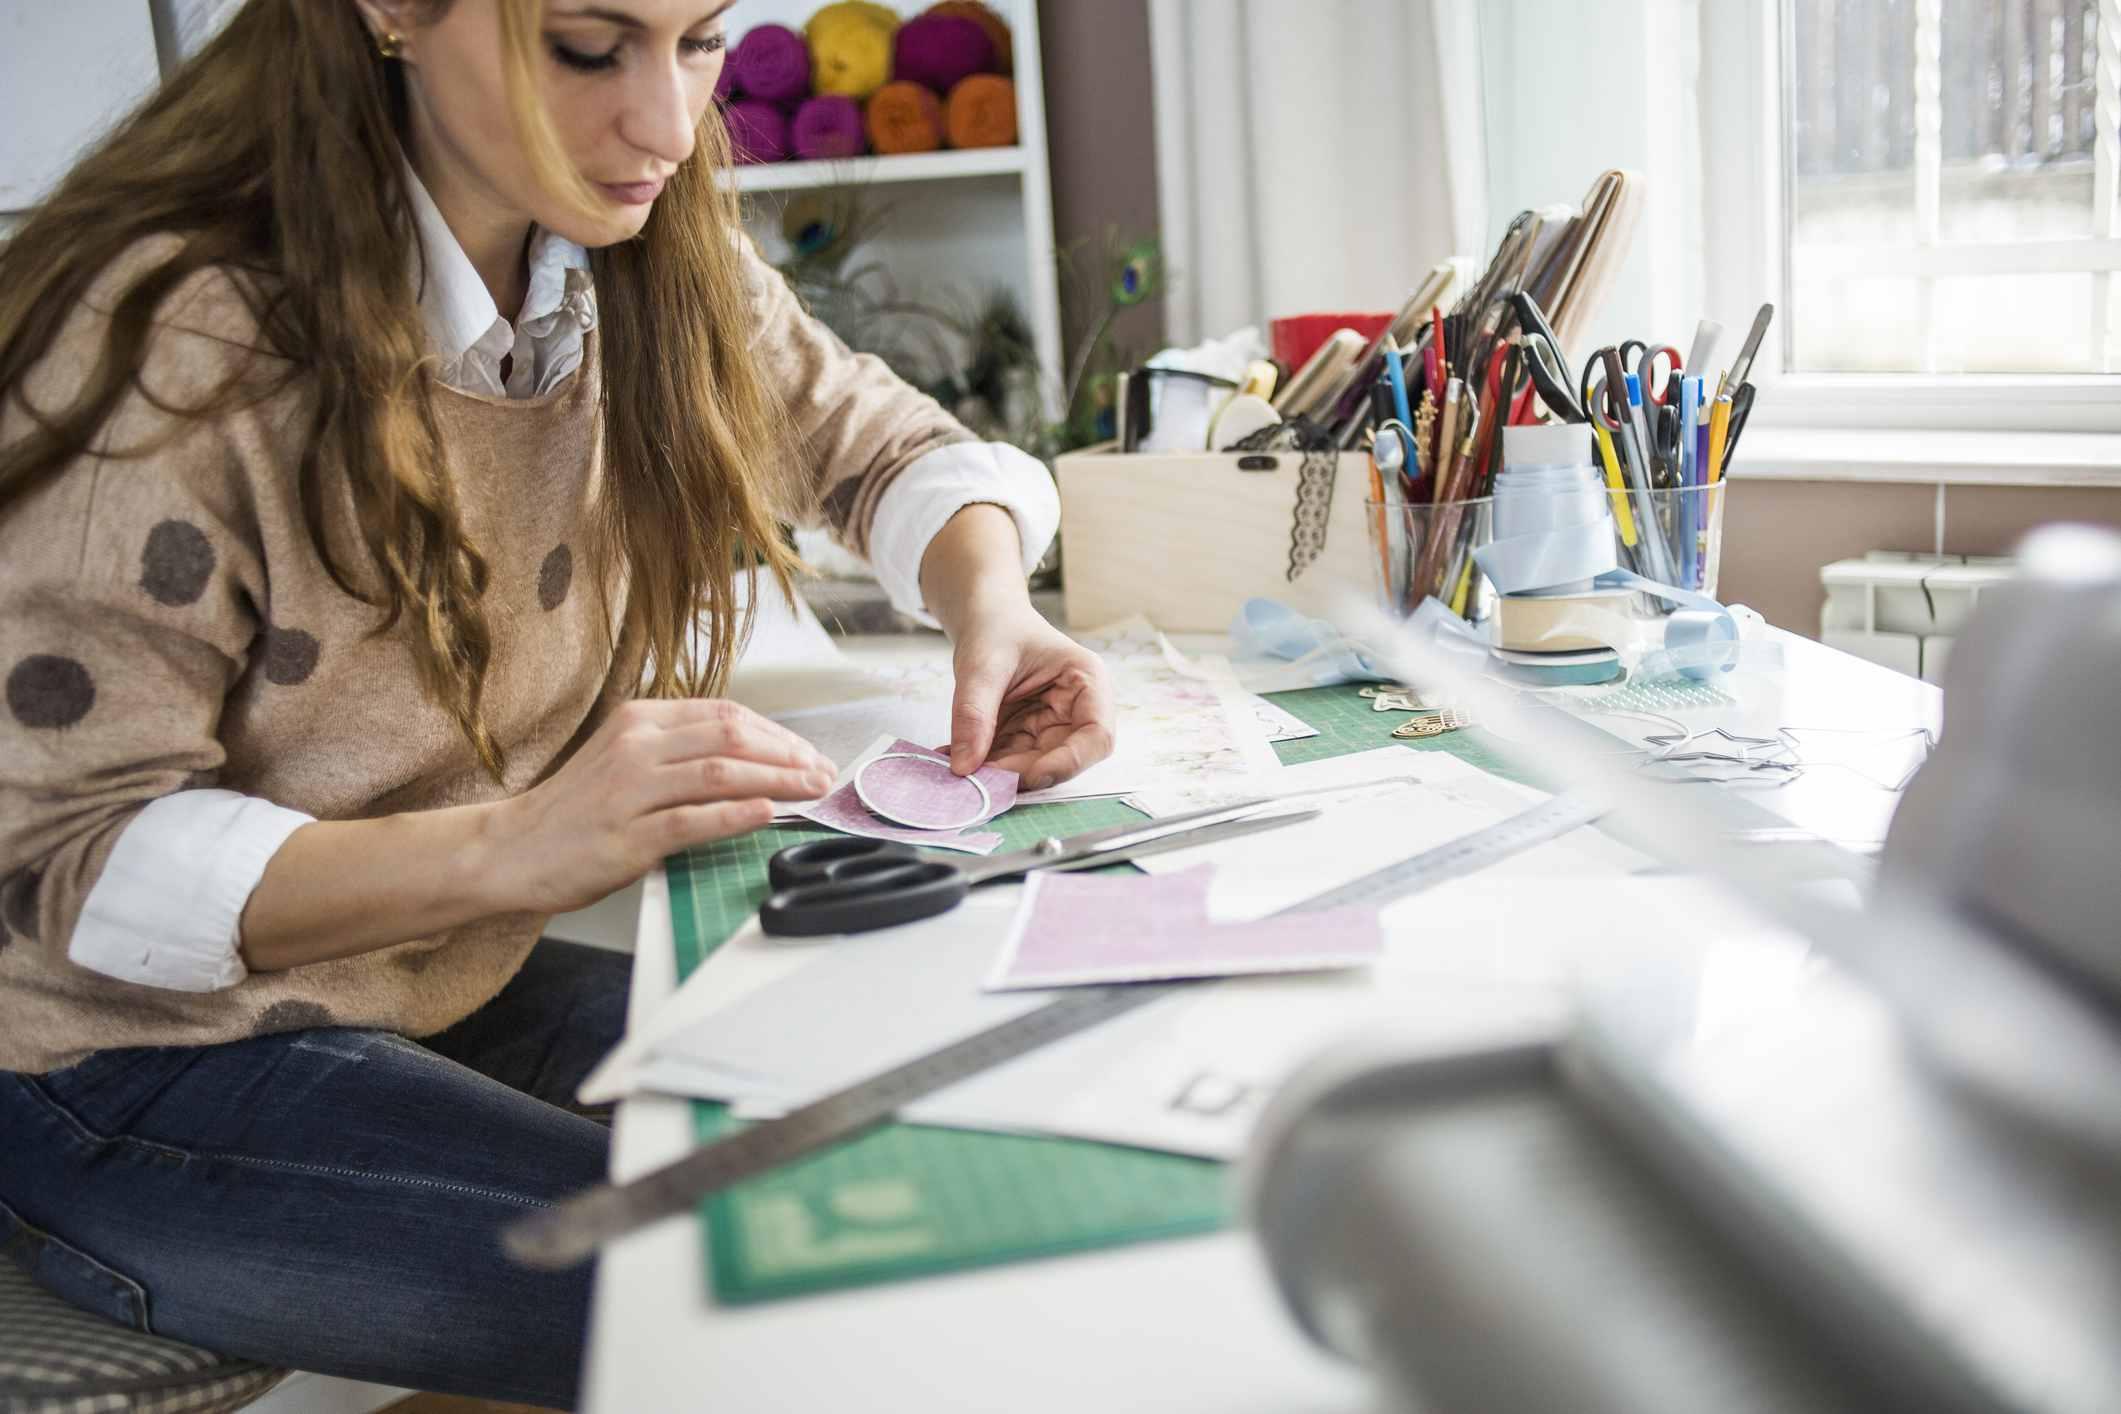 Mujer trabajando con papel en una mesa de manualidades